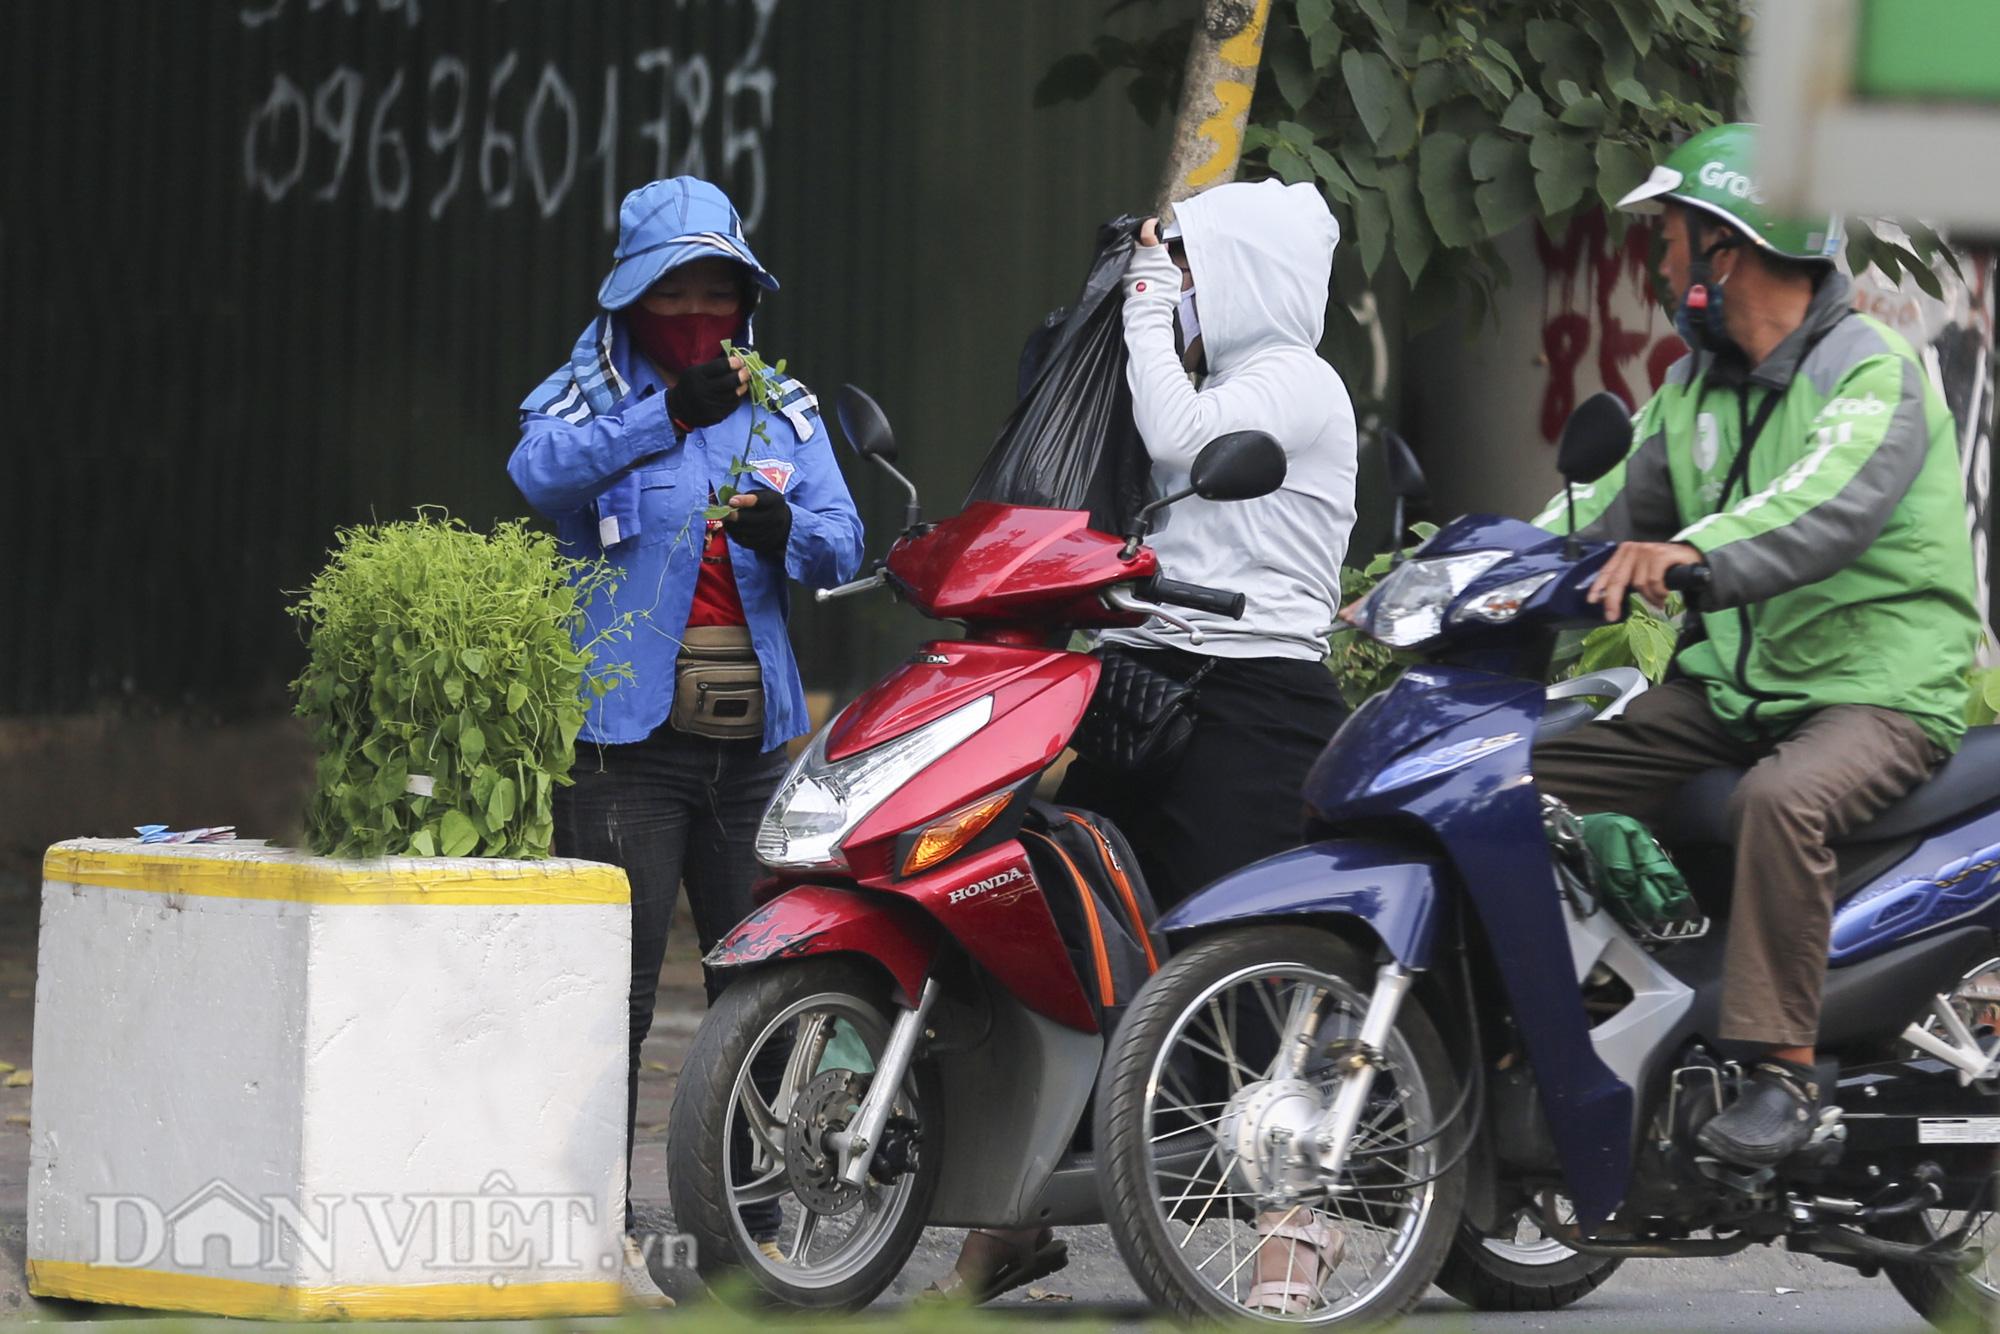 """Đặc sản rau rừng """"bò khai Tây Bắc"""" đổ về Hà Nội, 50.000 đồng/bó vẫn hút khách - Ảnh 8."""